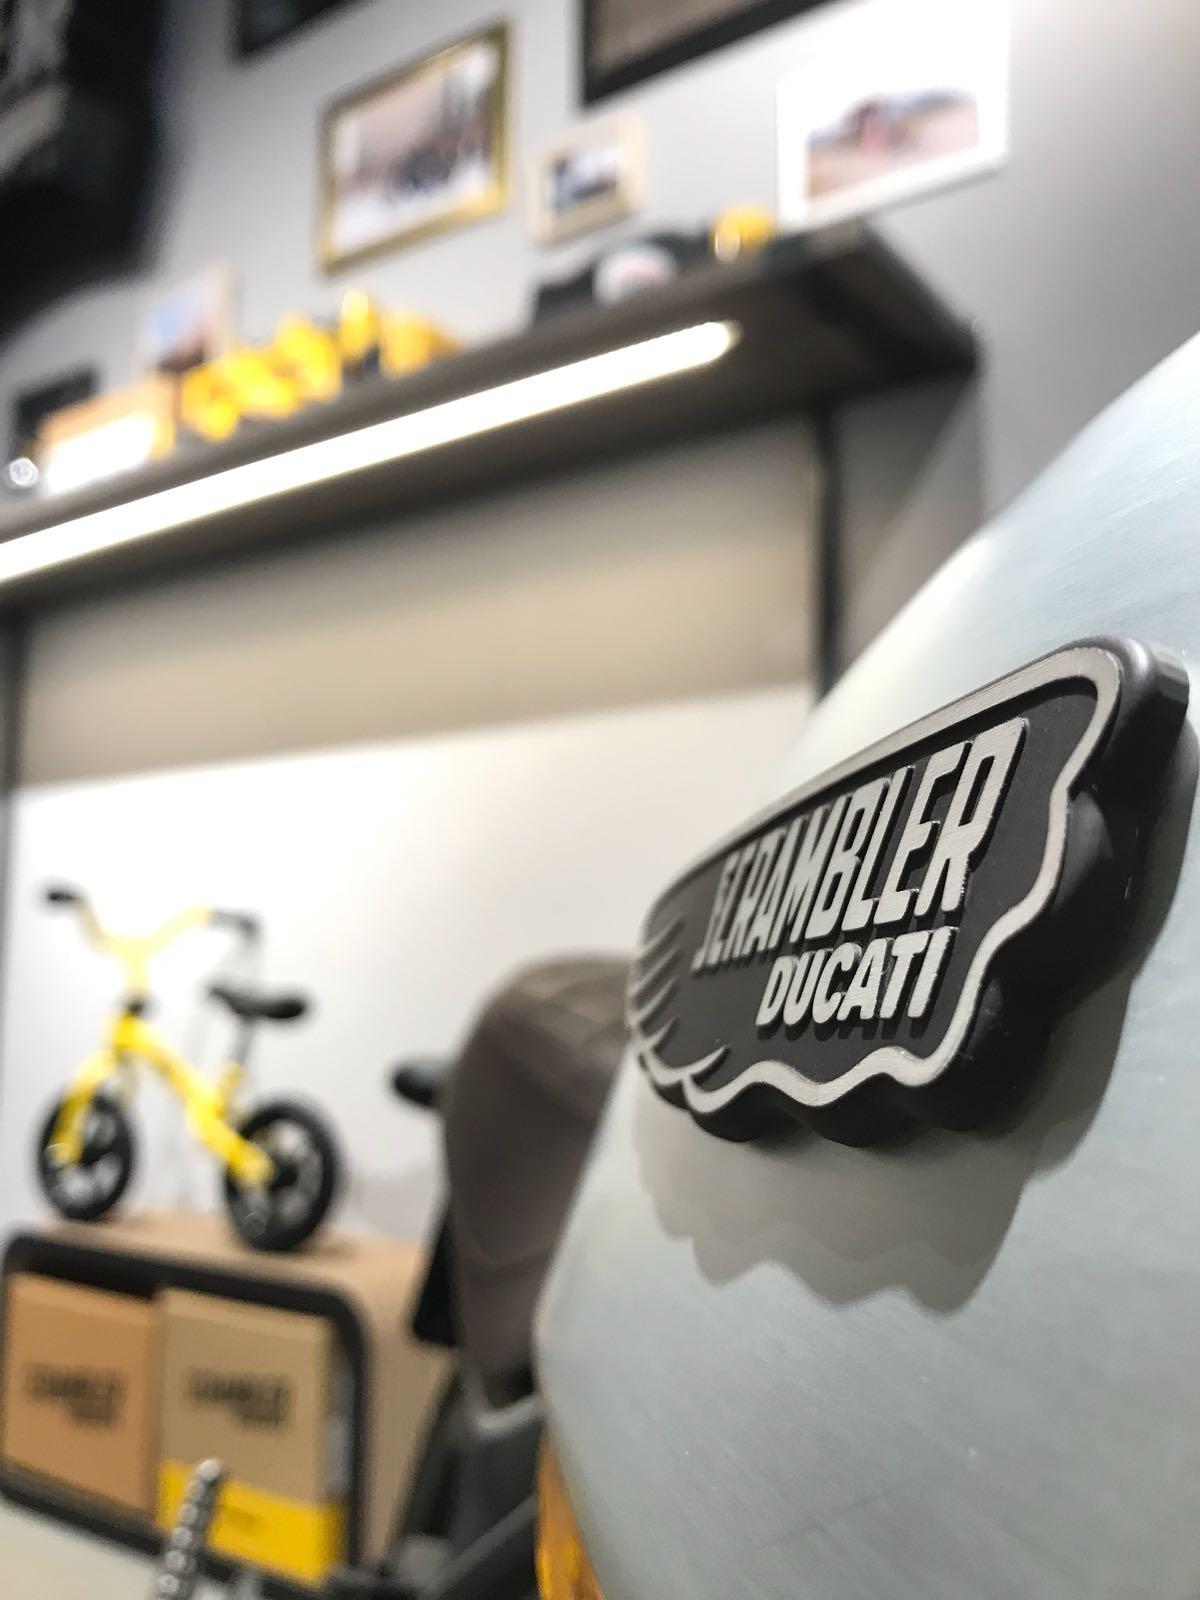 Tienda Scrambler de Ducati en Barcelona